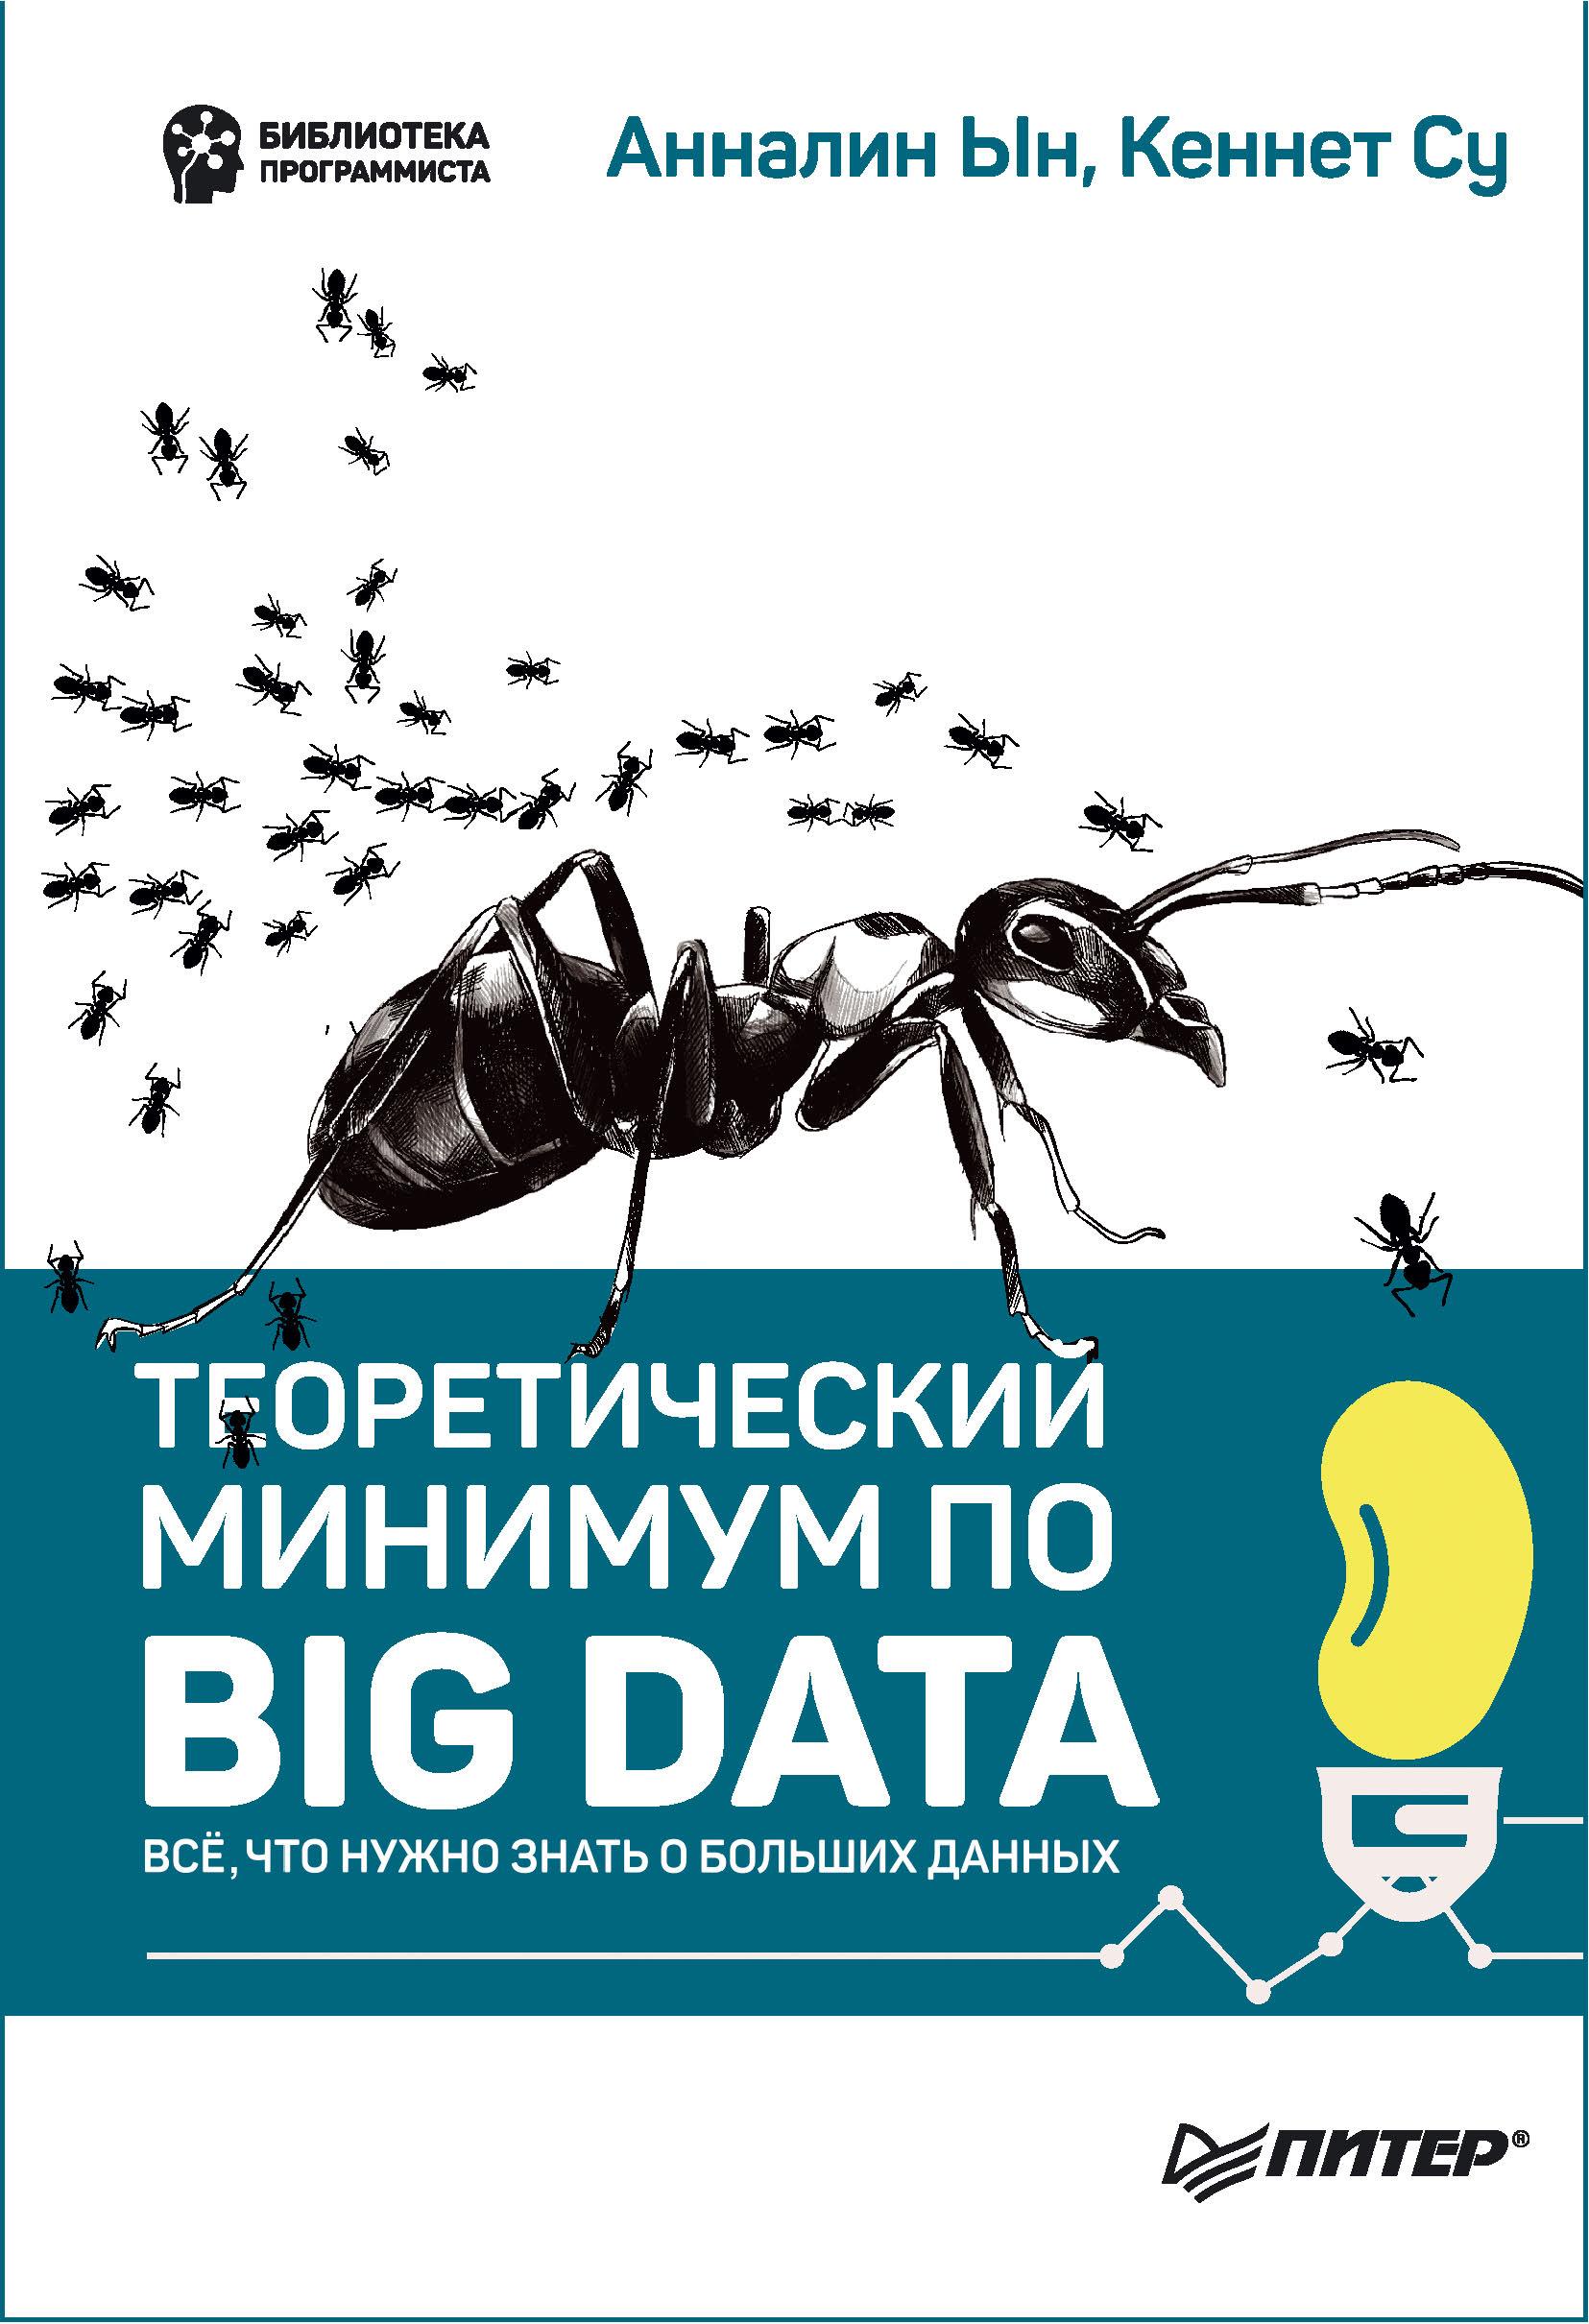 Анналин Ын Теоретический минимум по Big Data. Всё что нужно знать о больших данных анналин ын кеннет су теоретический минимум по big data всё что нужно знать о больших данных